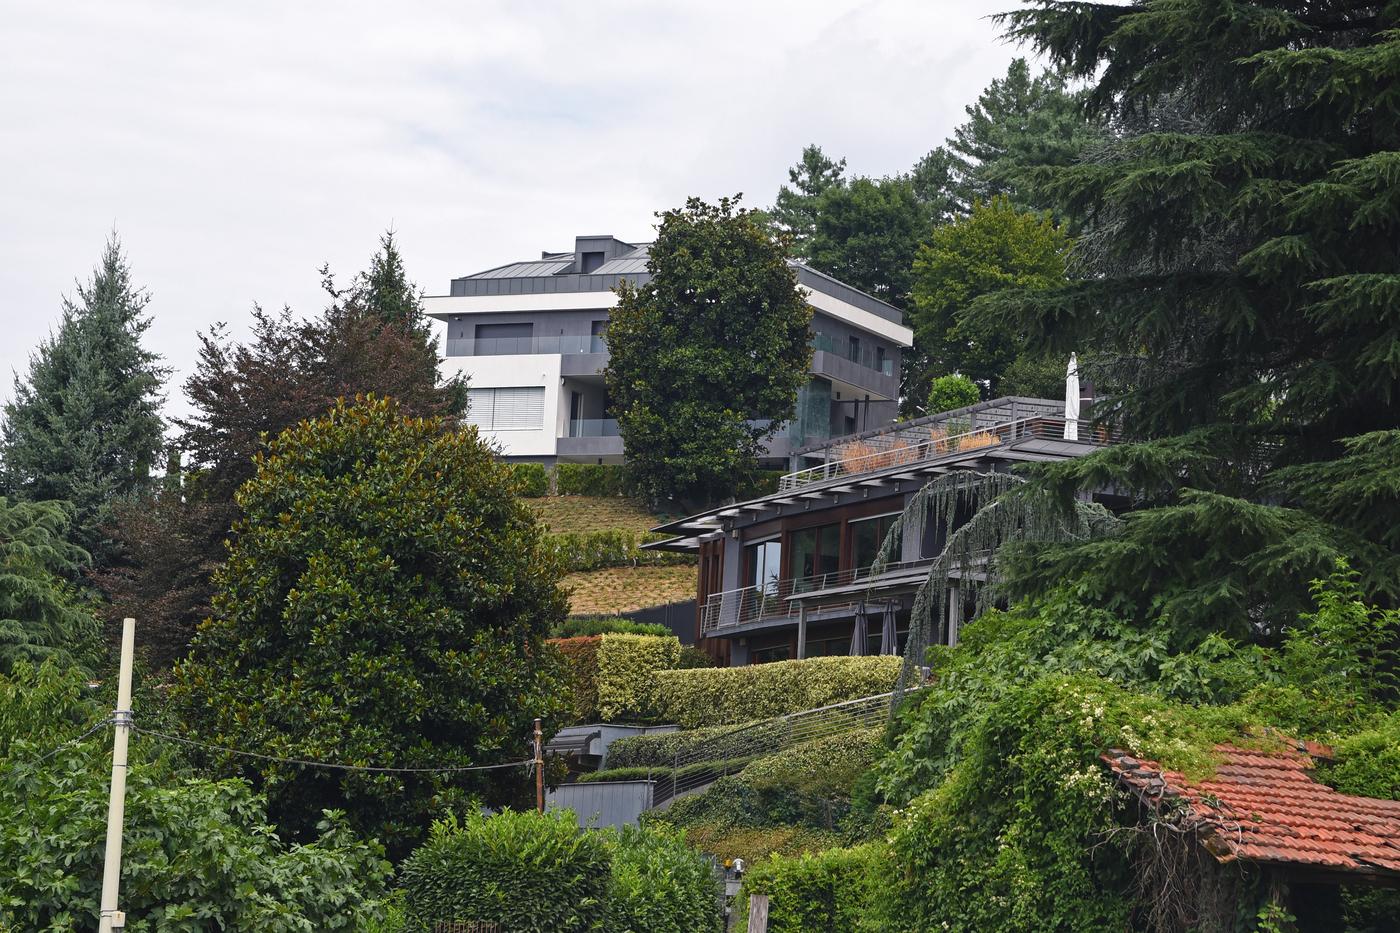 La Extra Villa Vivrà Doppia Cristiano Dove Lusso TorinoEcco SzqMpVGLU